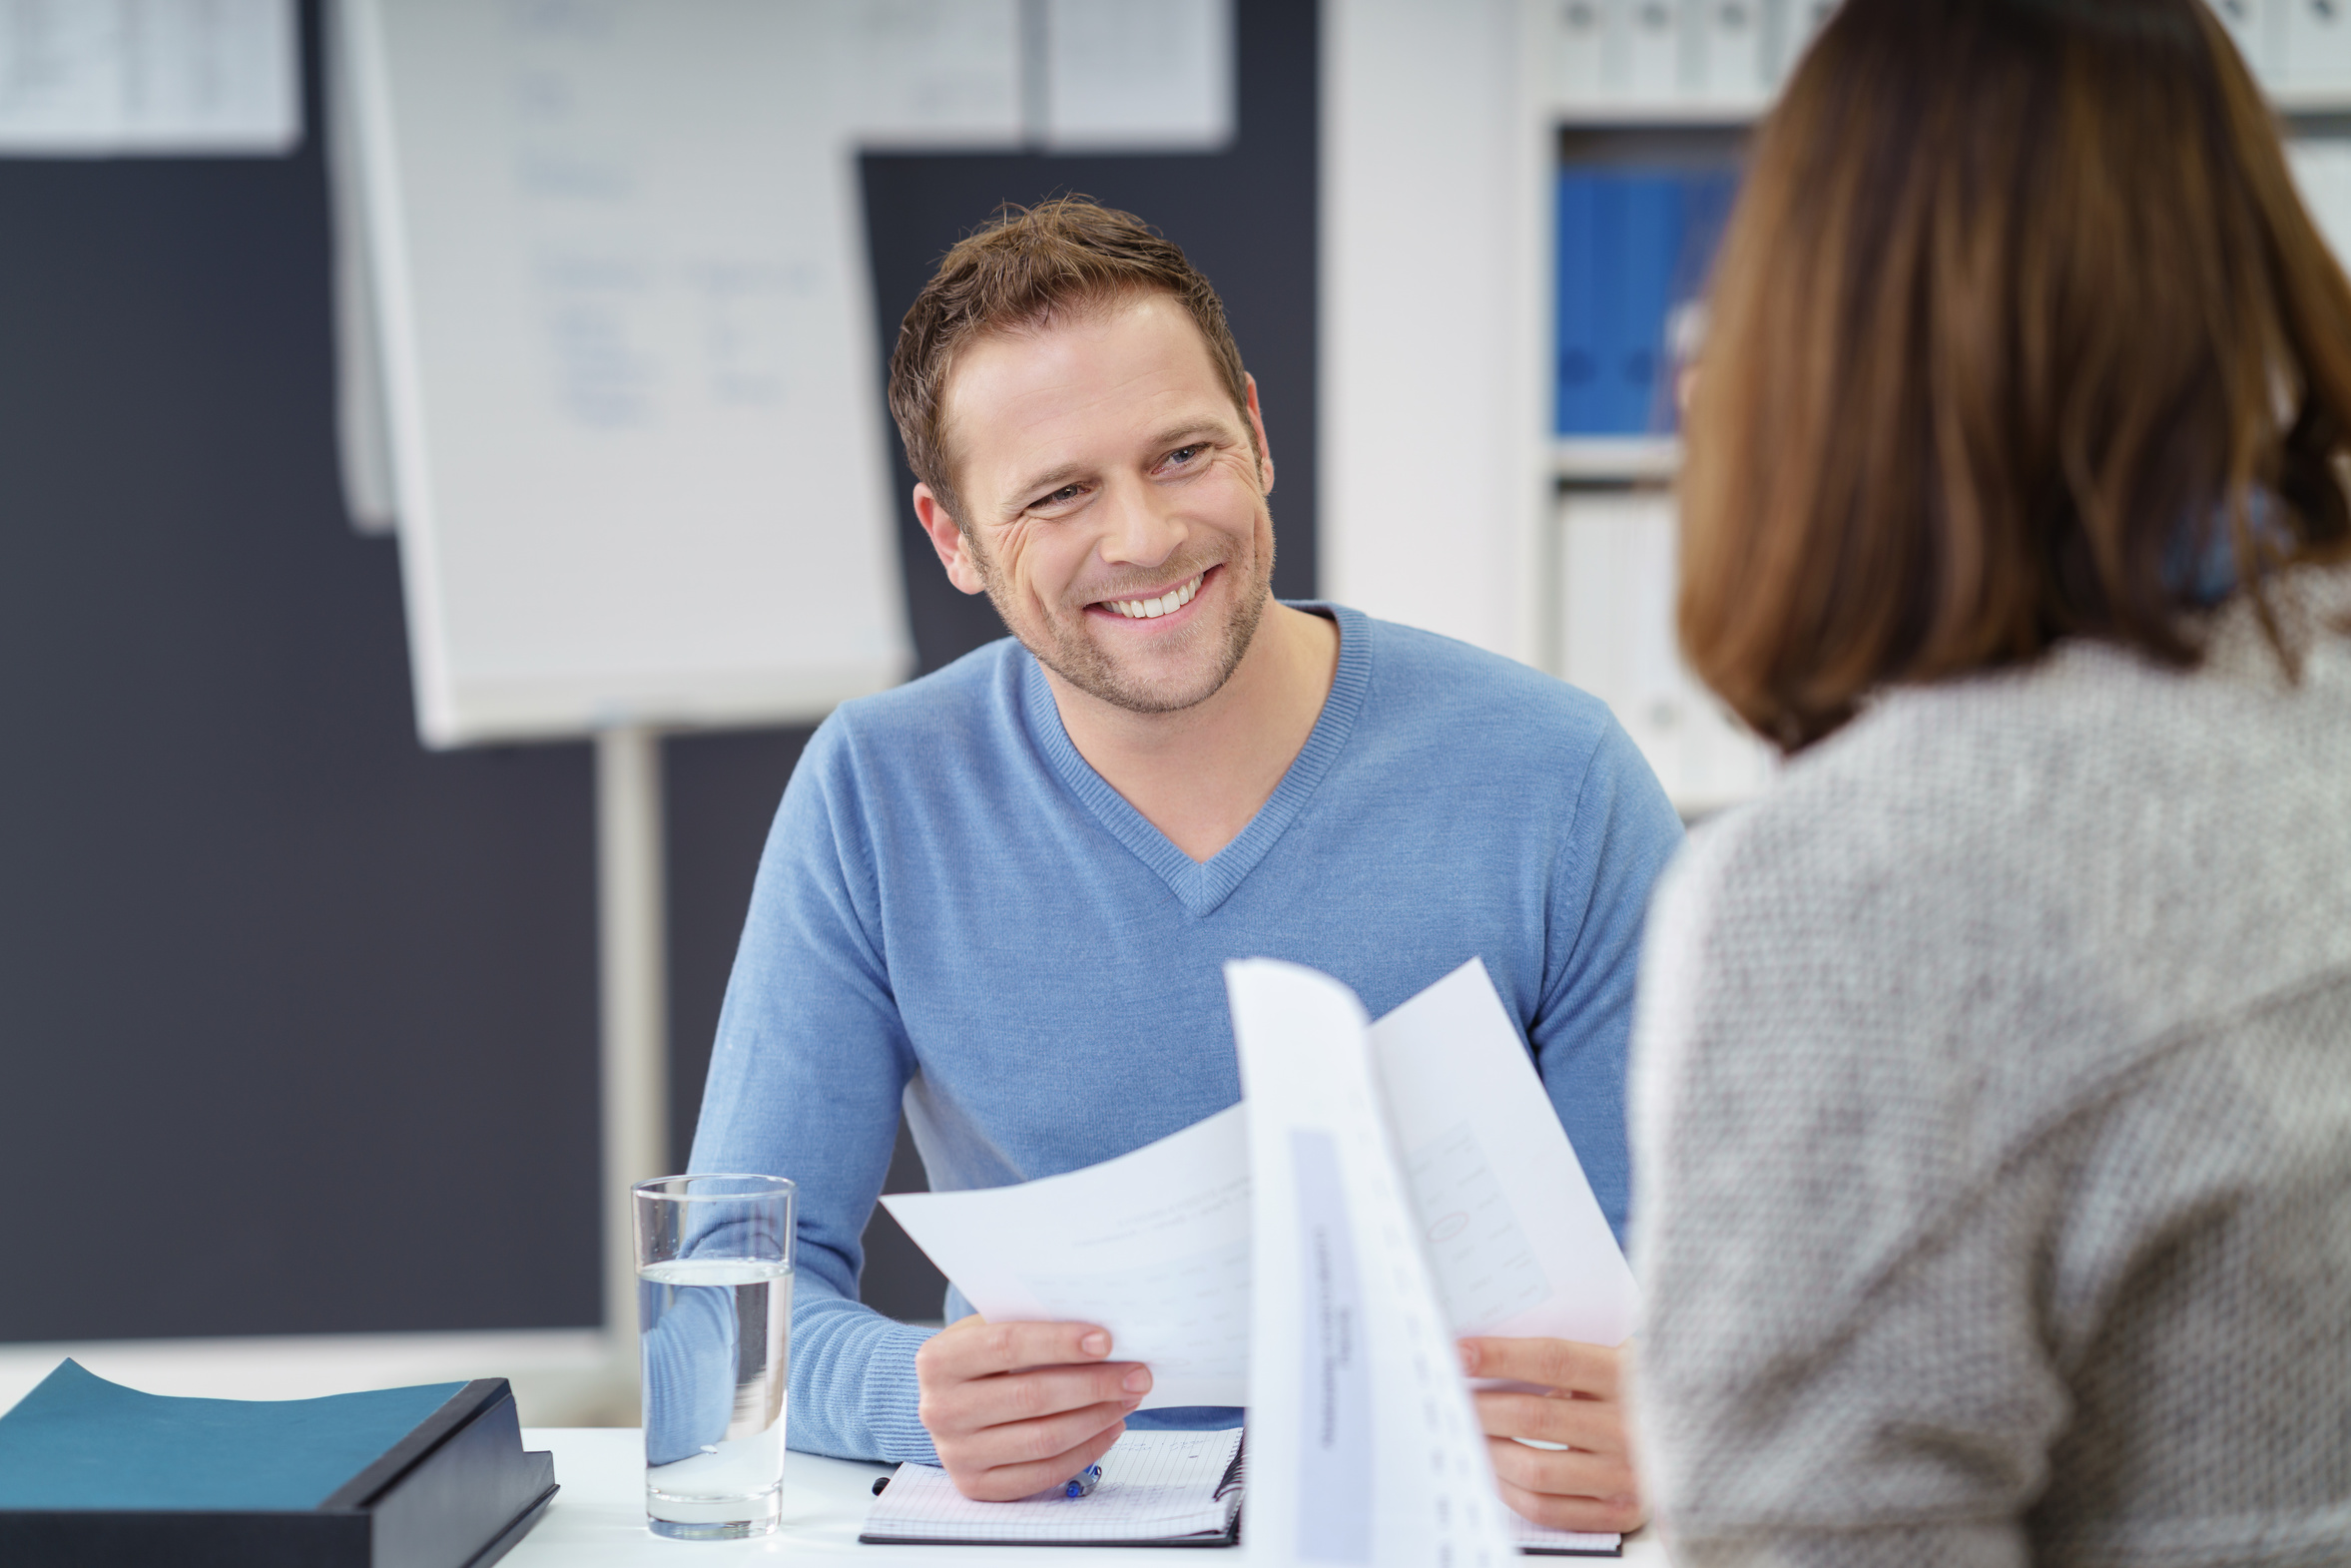 La certification BGE des compétences entrepreneuriales reconnue par l'Etat